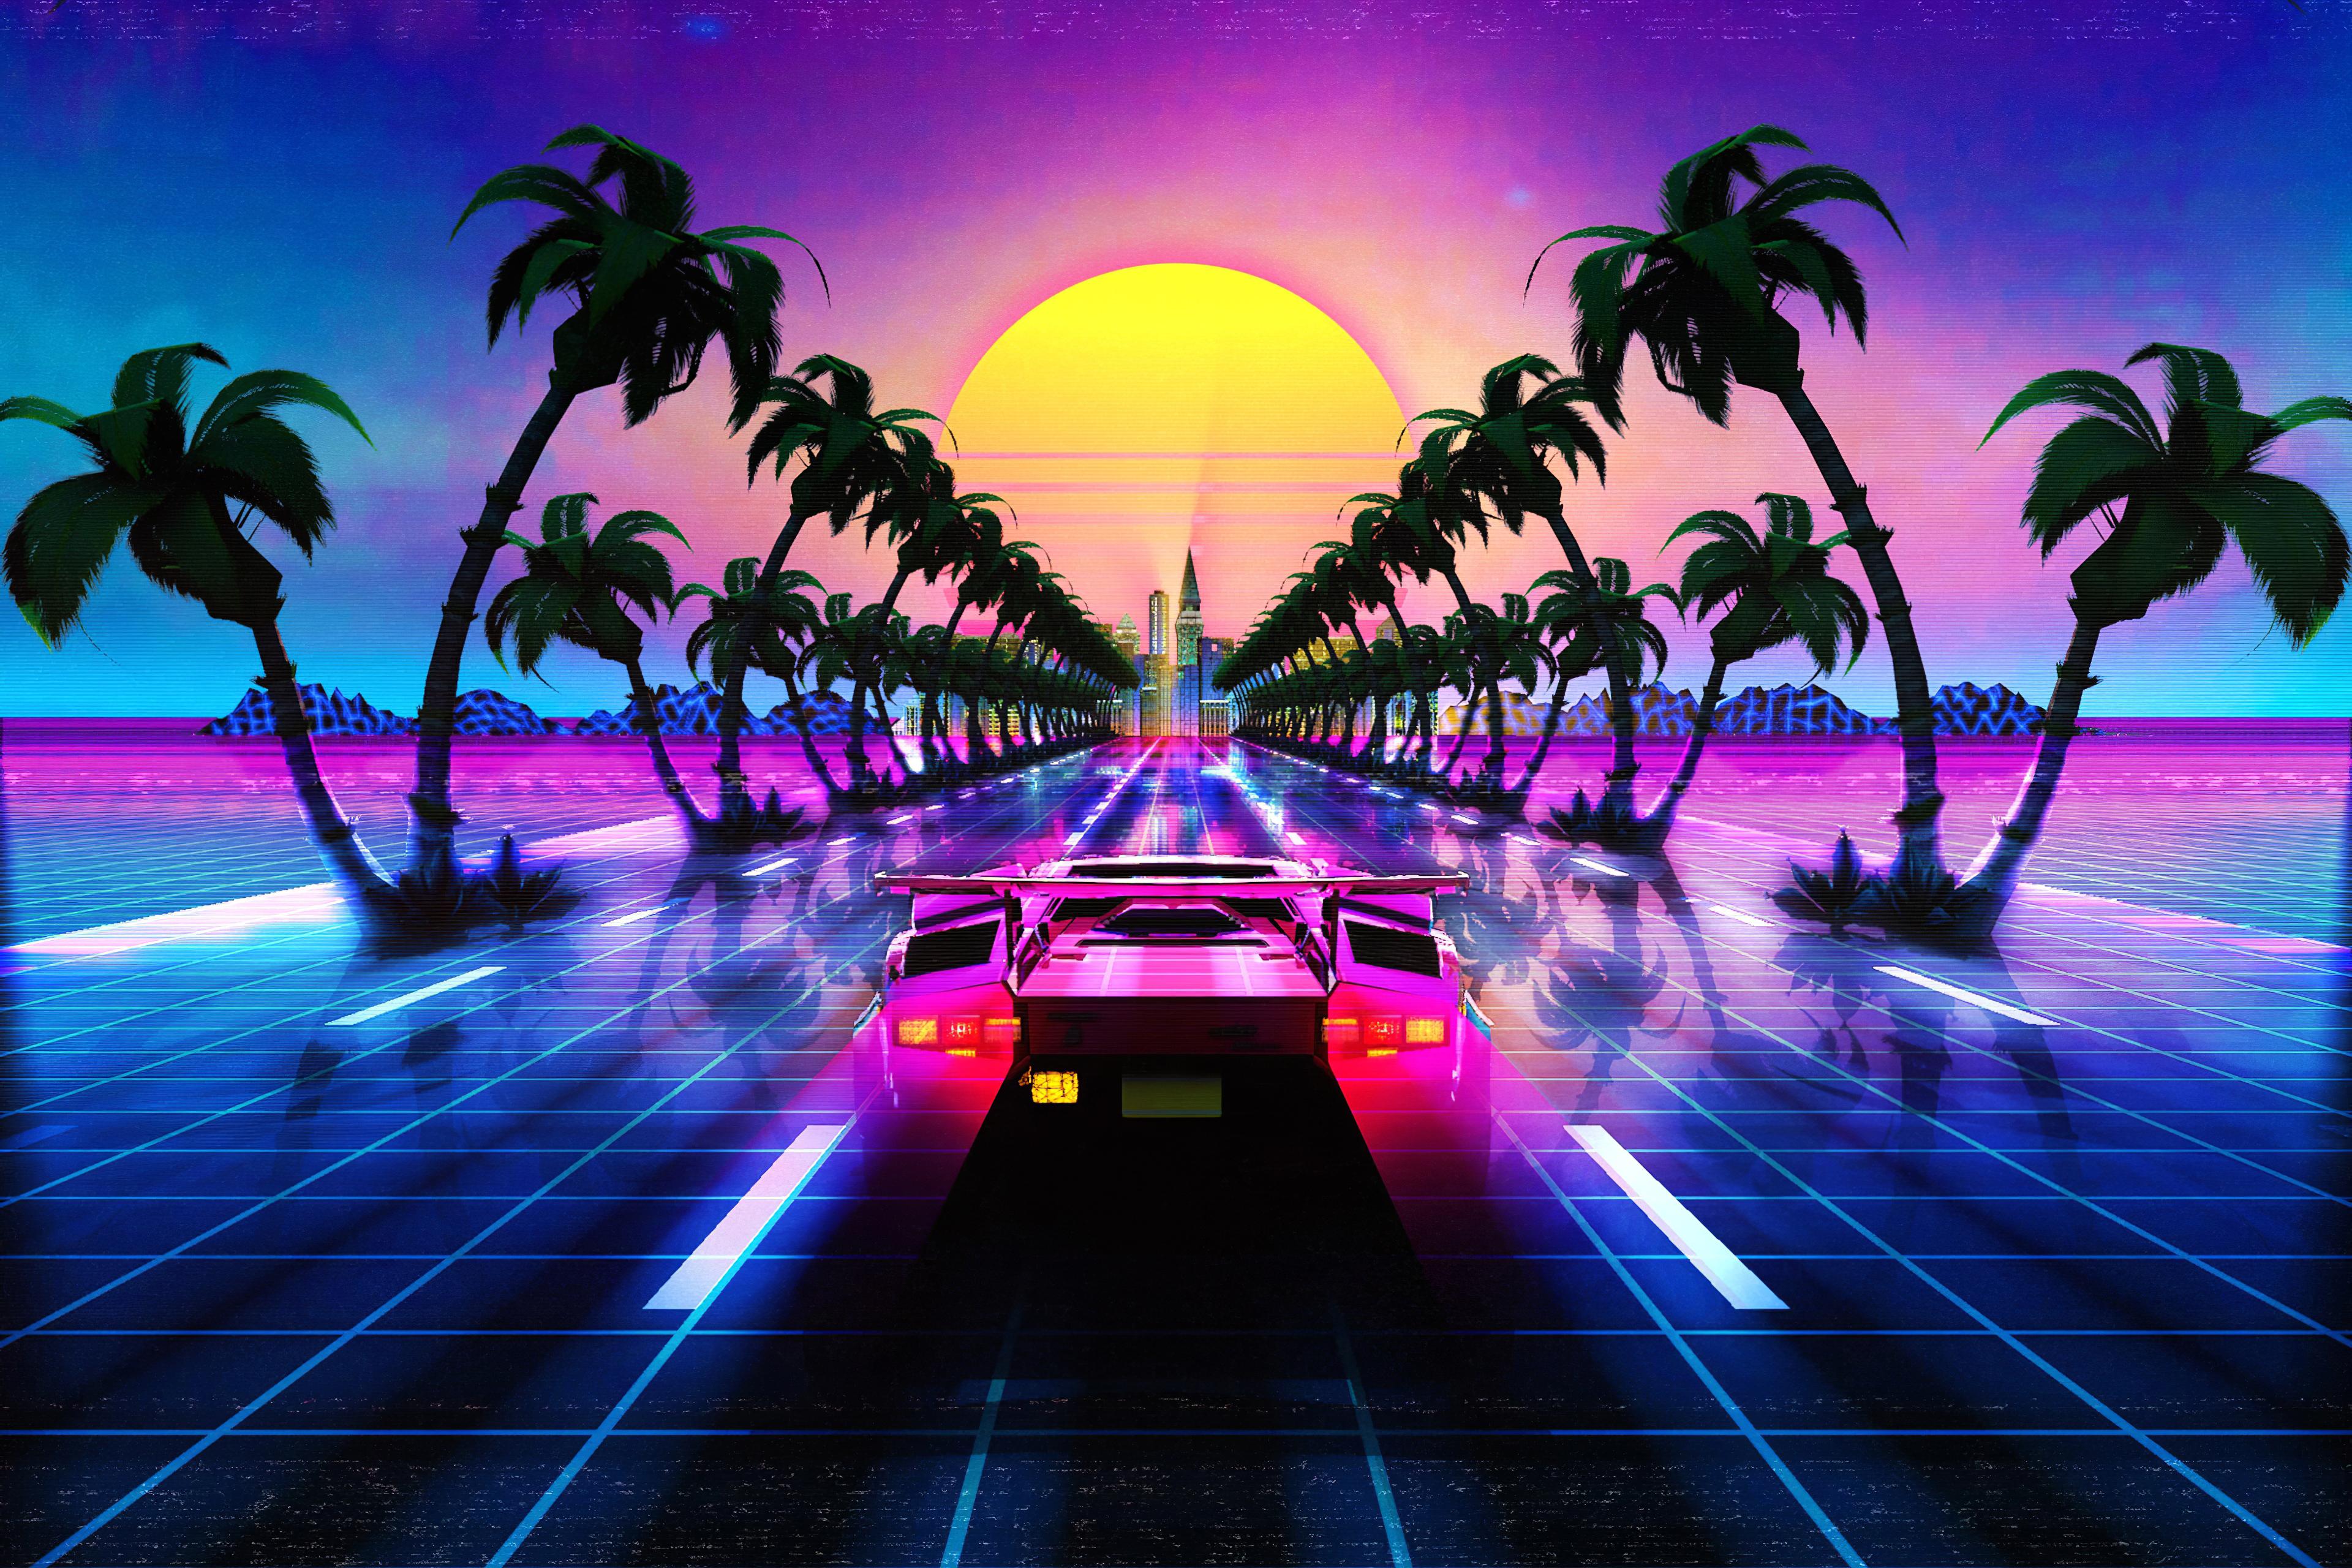 lamborghini countach outrun retro 1578255371 - Lamborghini Countach Outrun Retro -